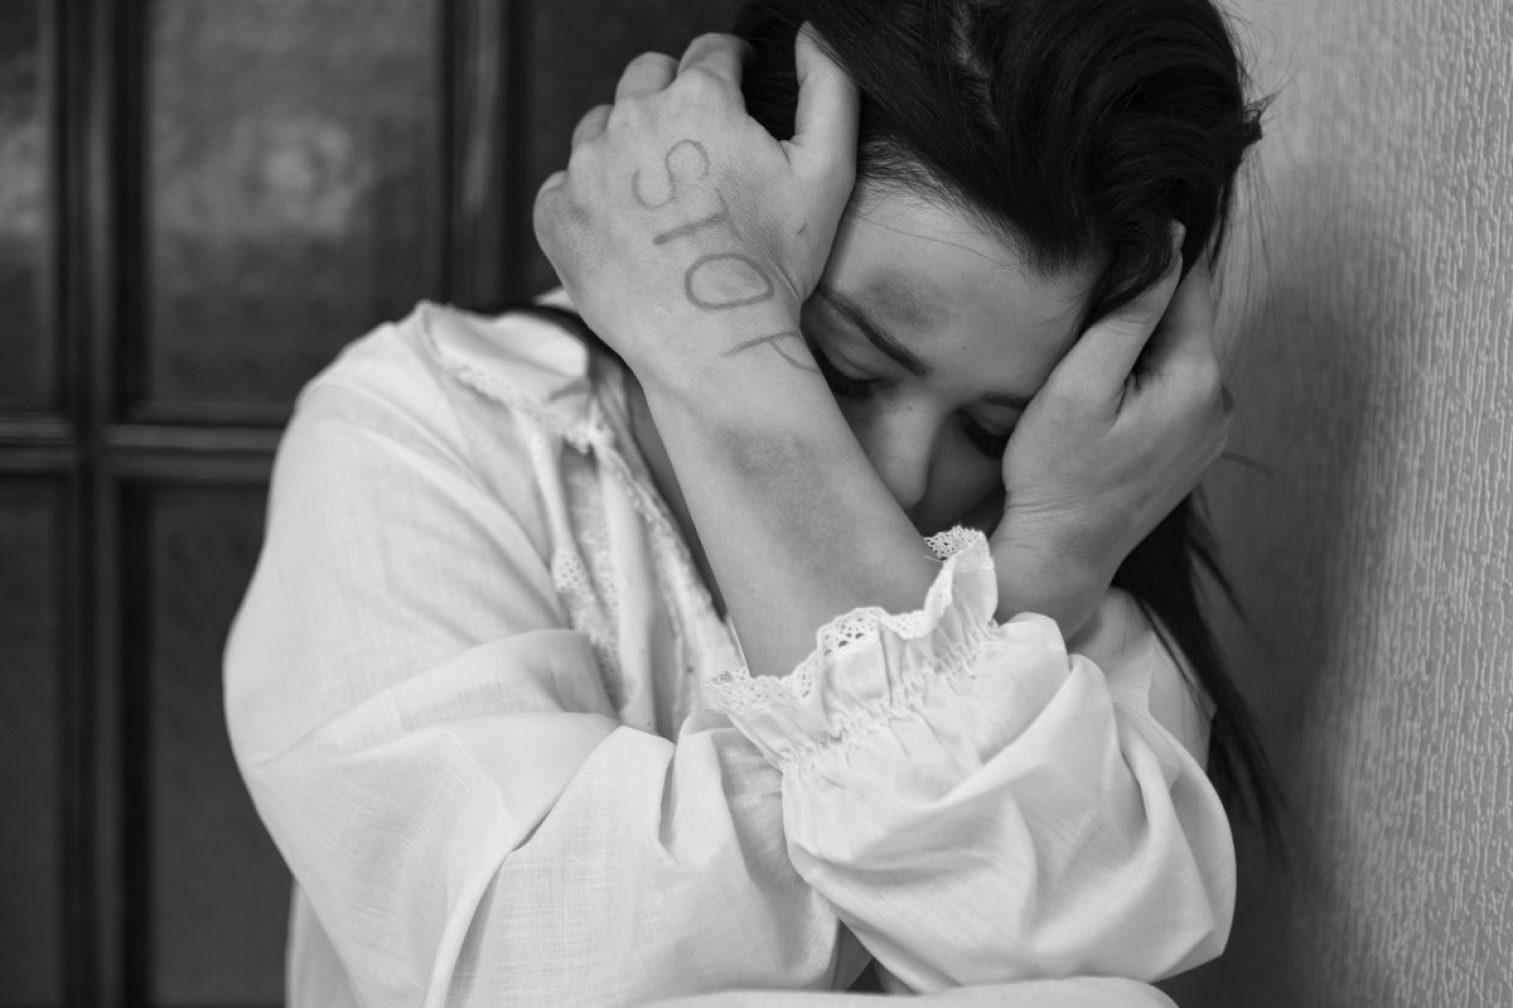 woman, abuse, monochrome